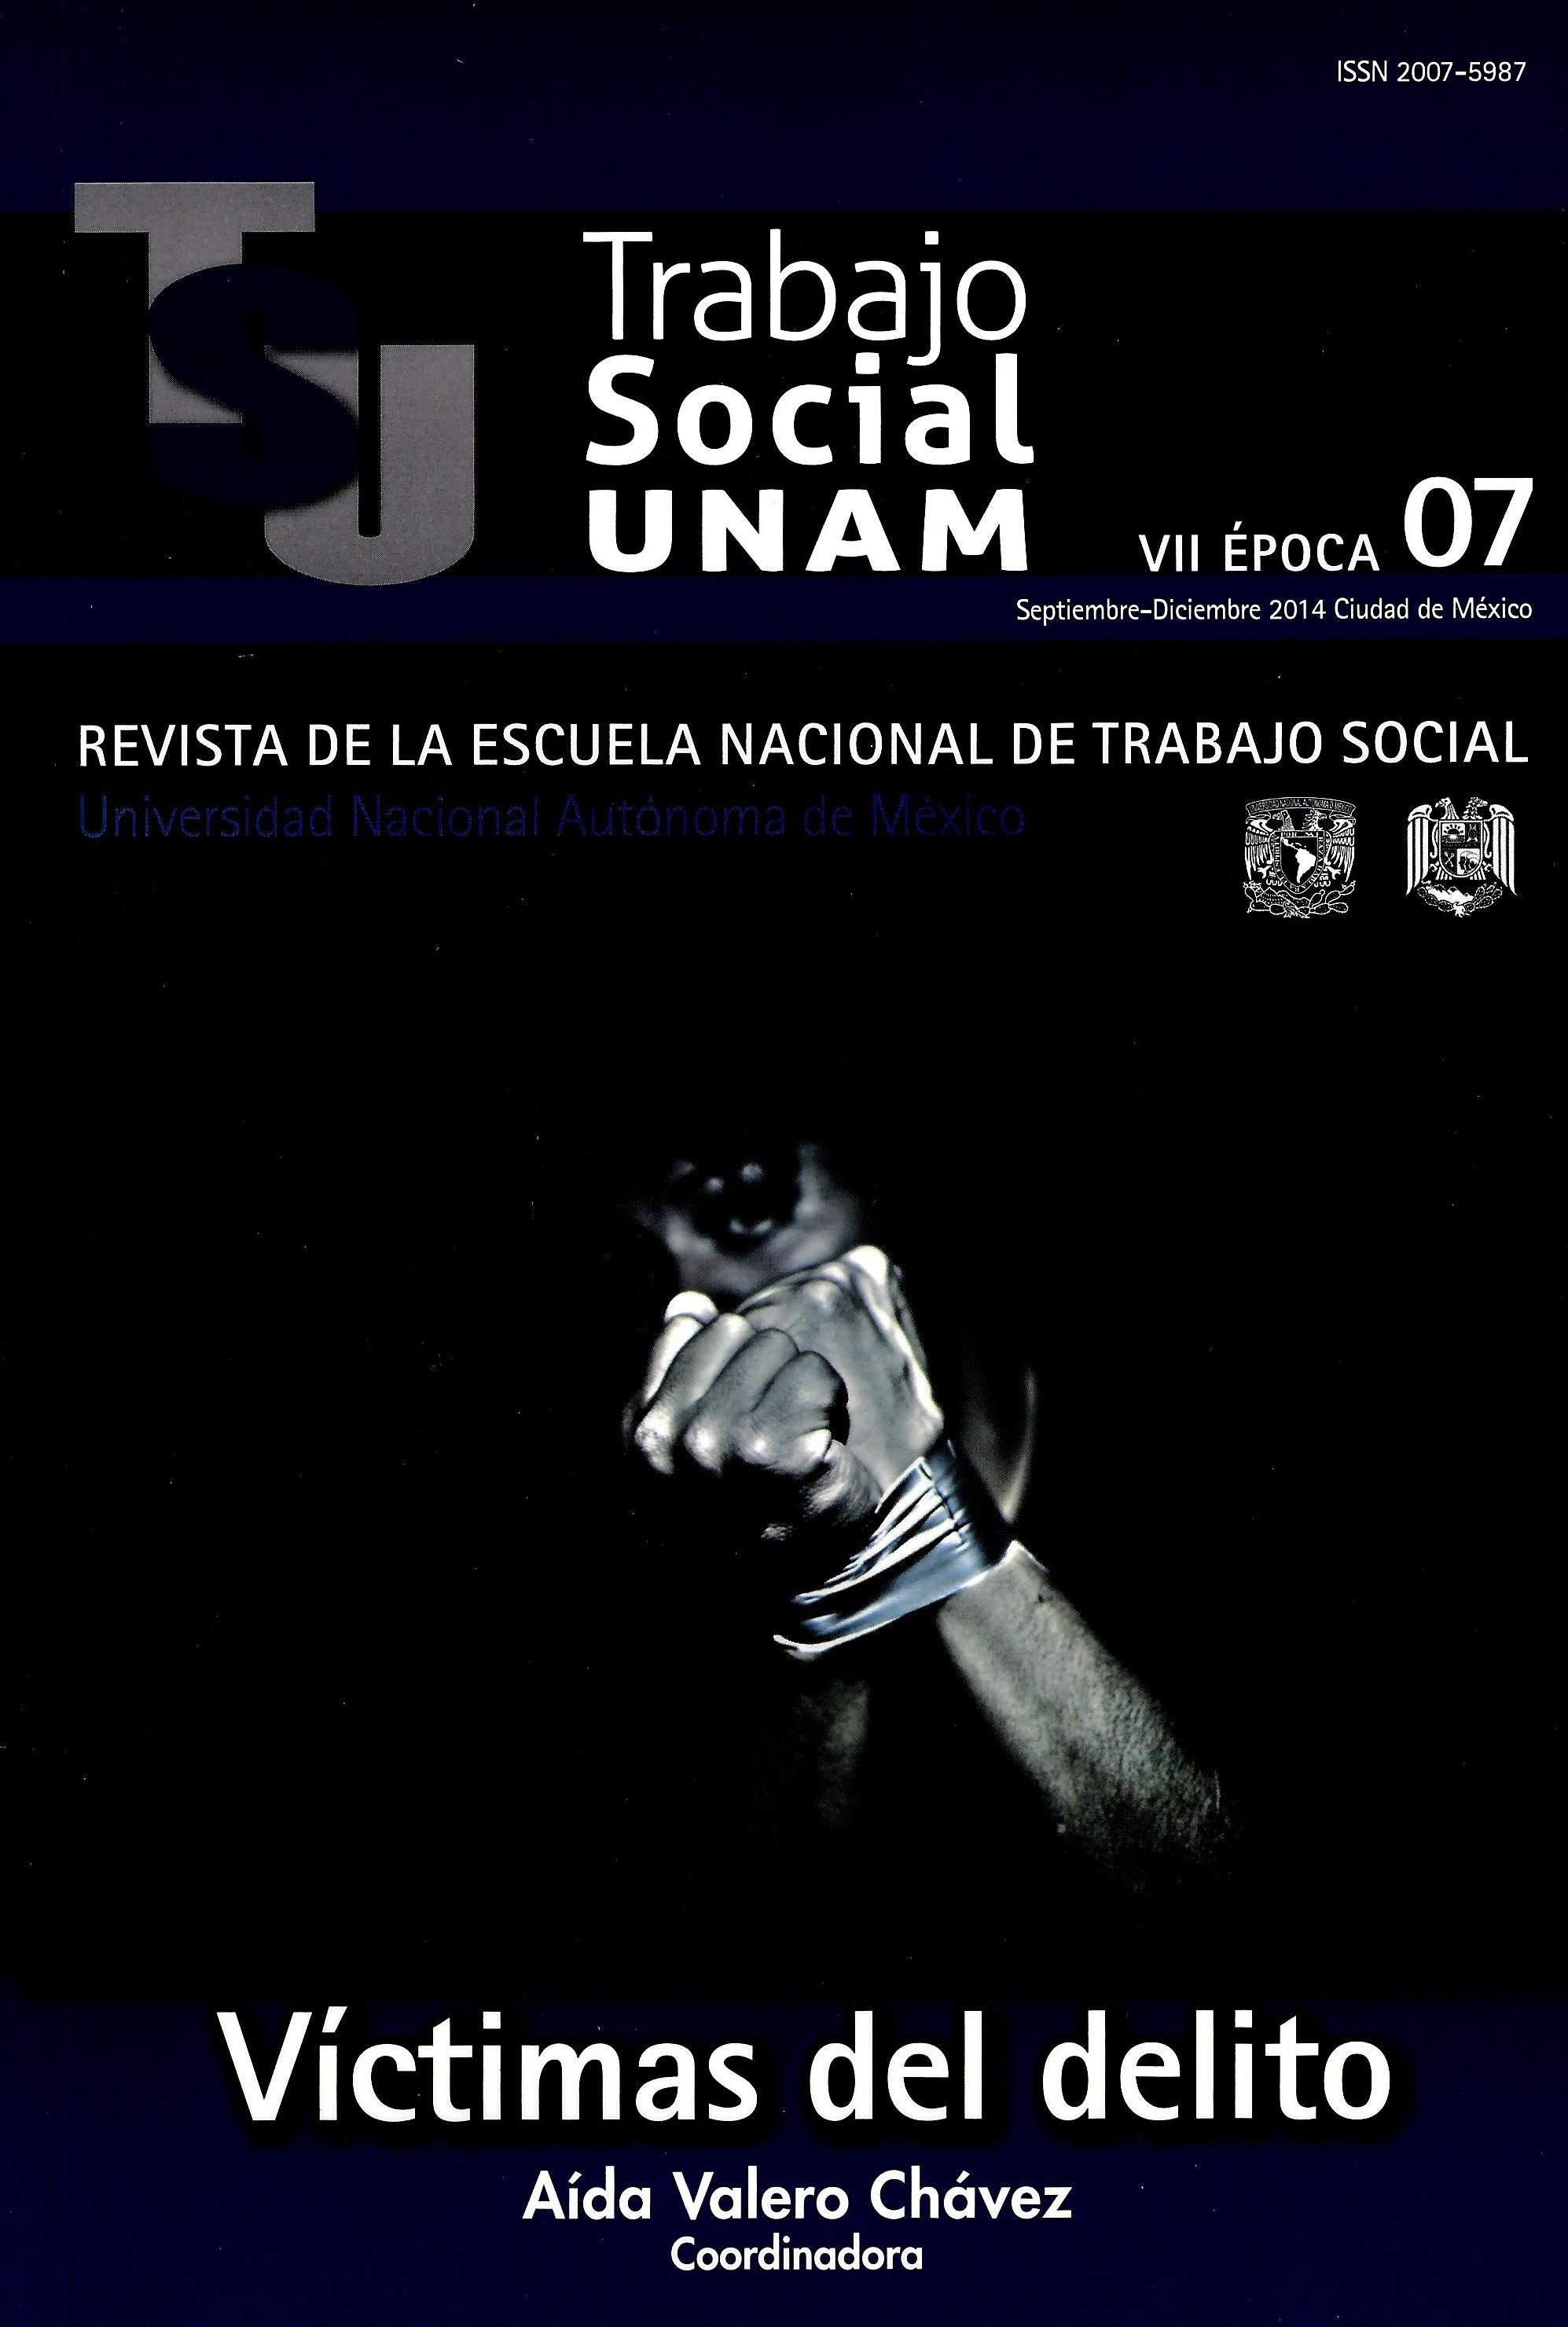 Trabajo Social UNAM. VII época, 7, sep-dic, 2014